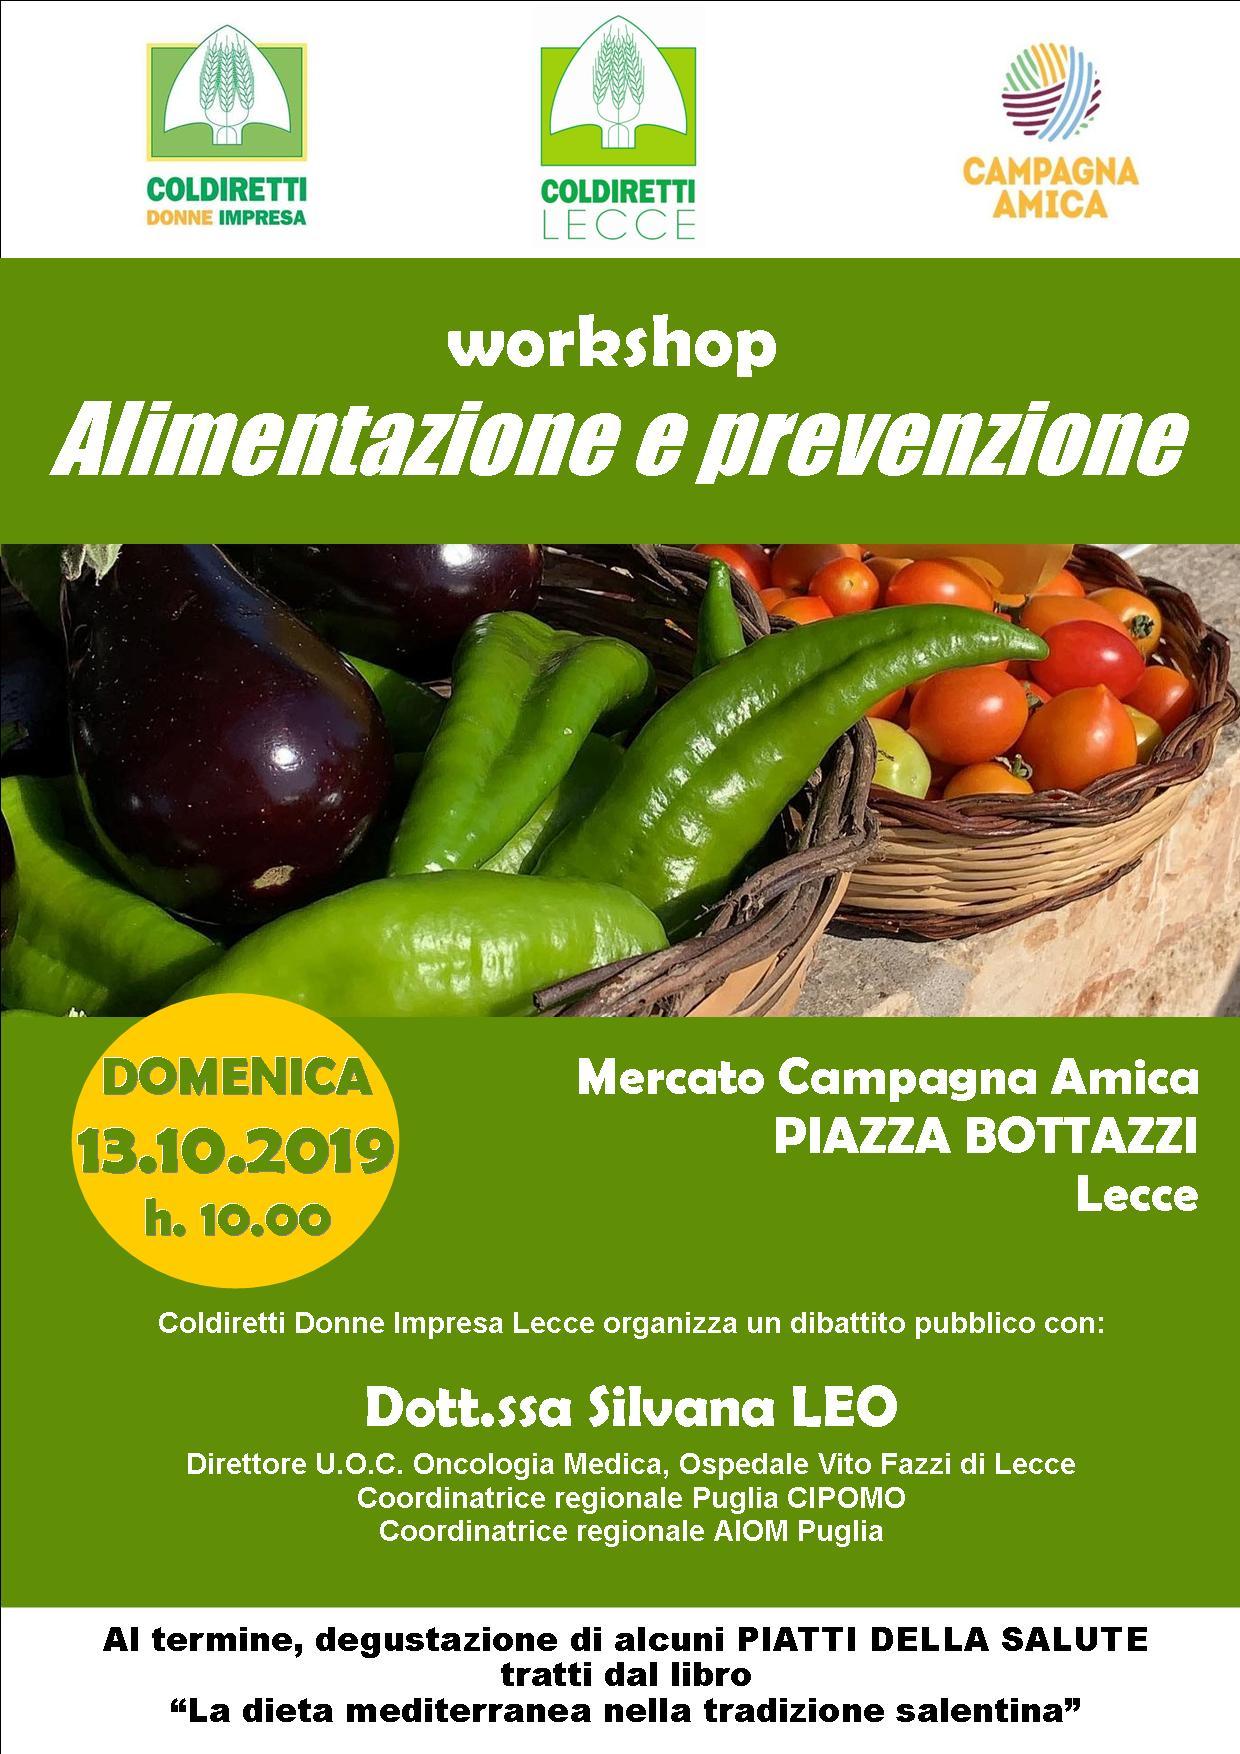 Workshop Alimentazione e prevenzione